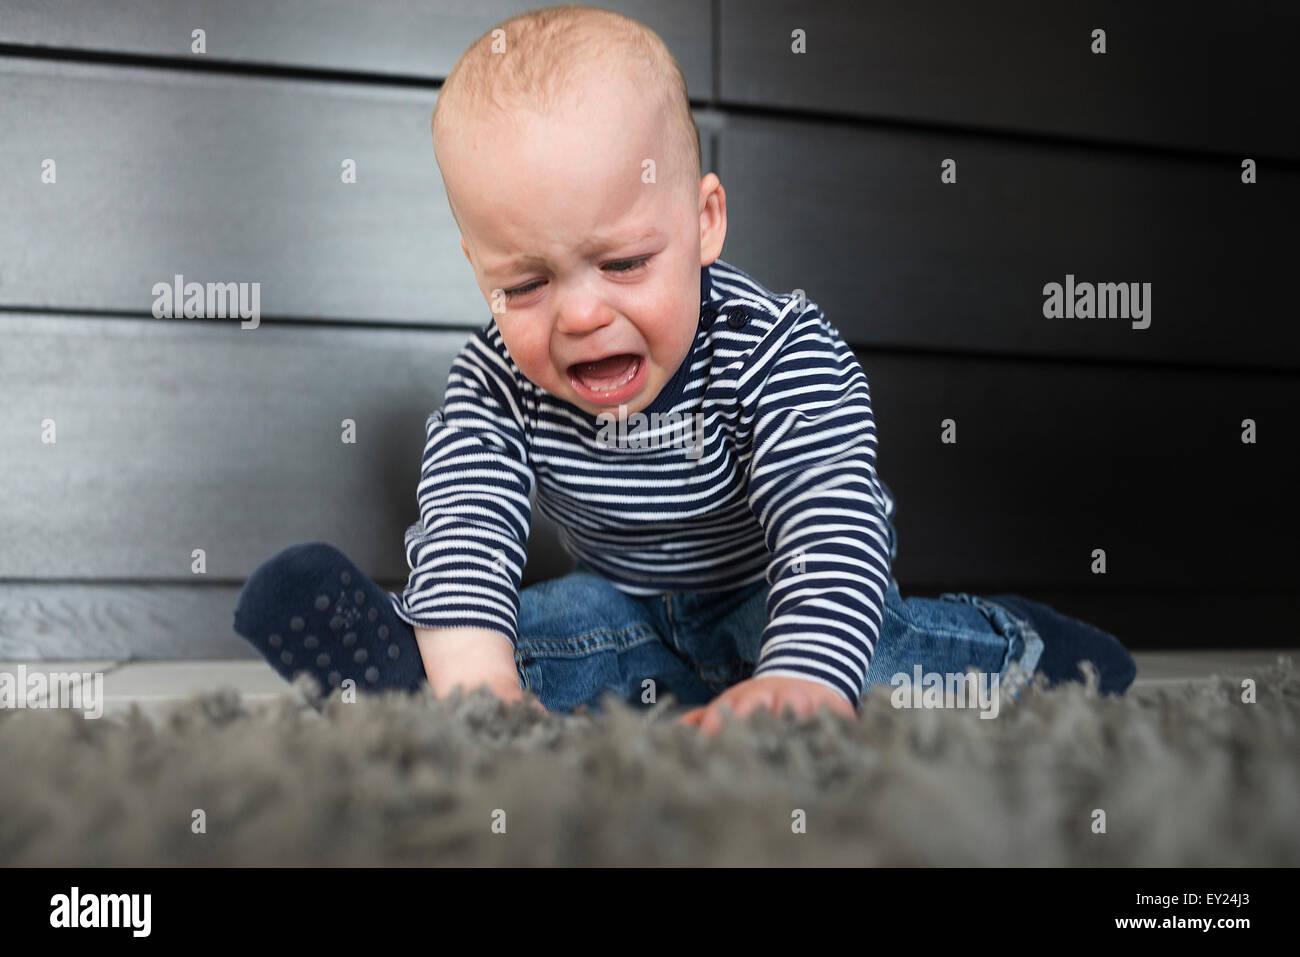 Schreiendes Baby Junge sitzt auf Teppich im Wohnzimmer Stockfoto ...